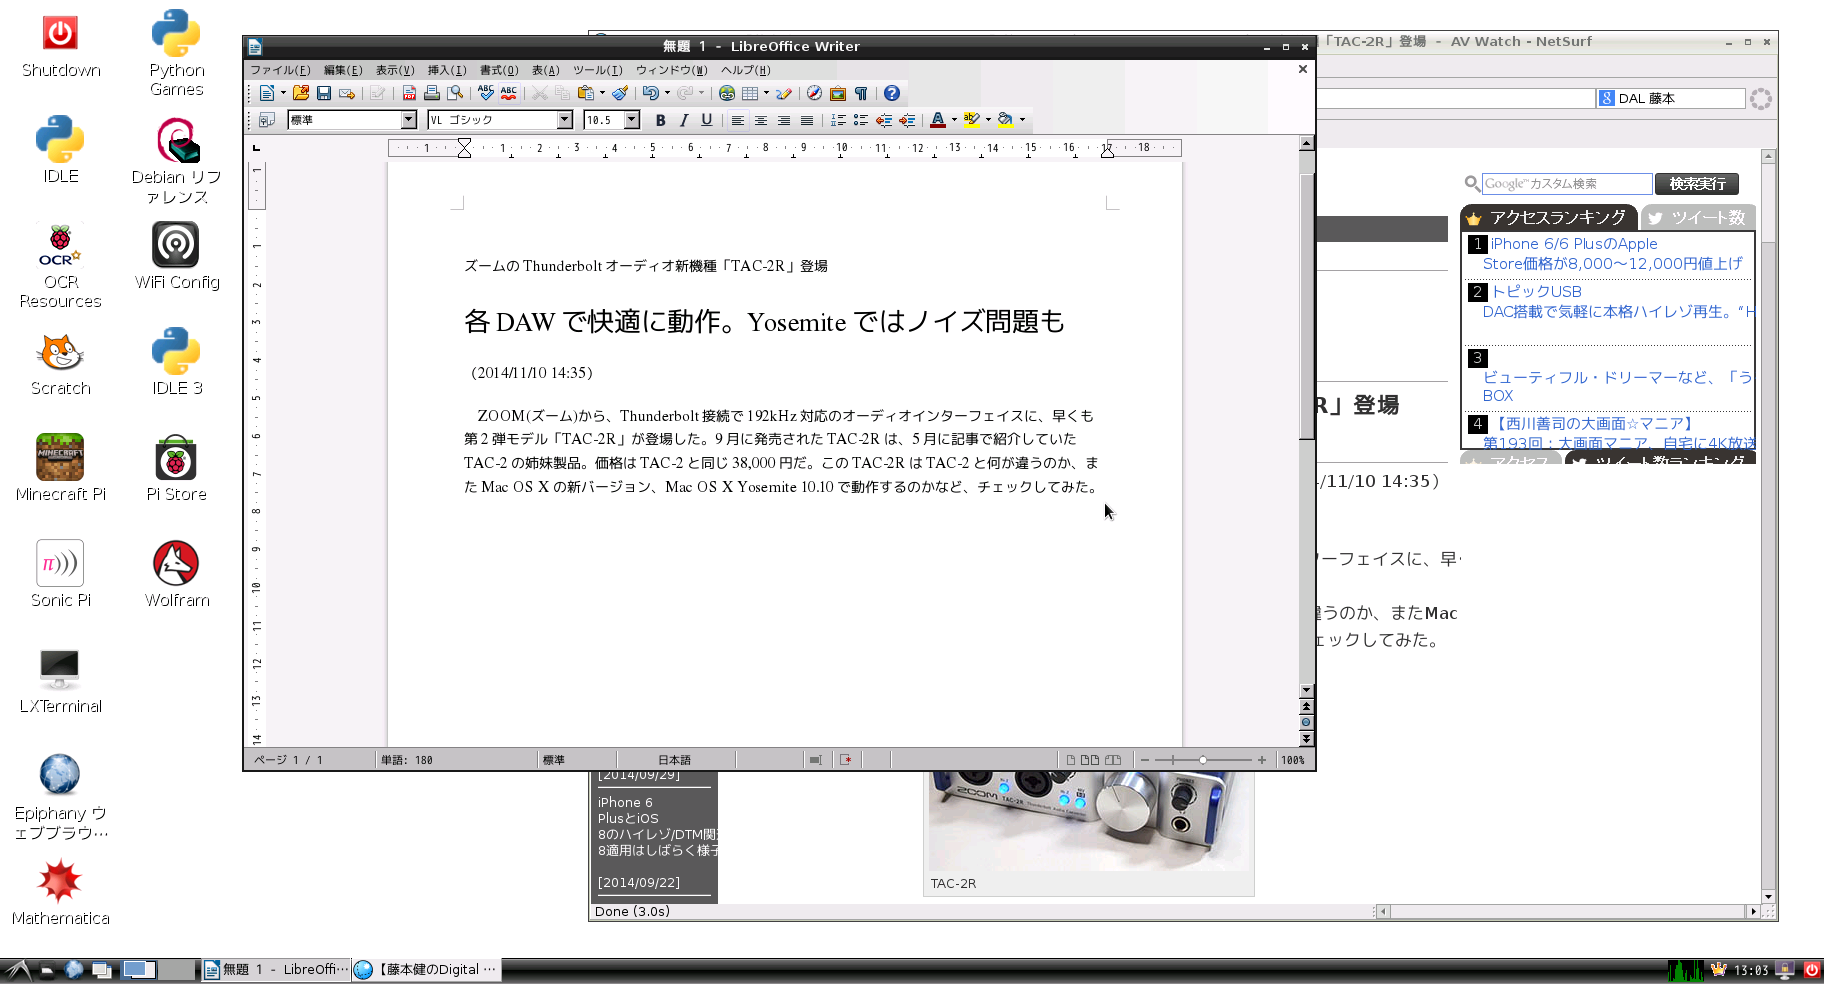 ワープロソフトの画面